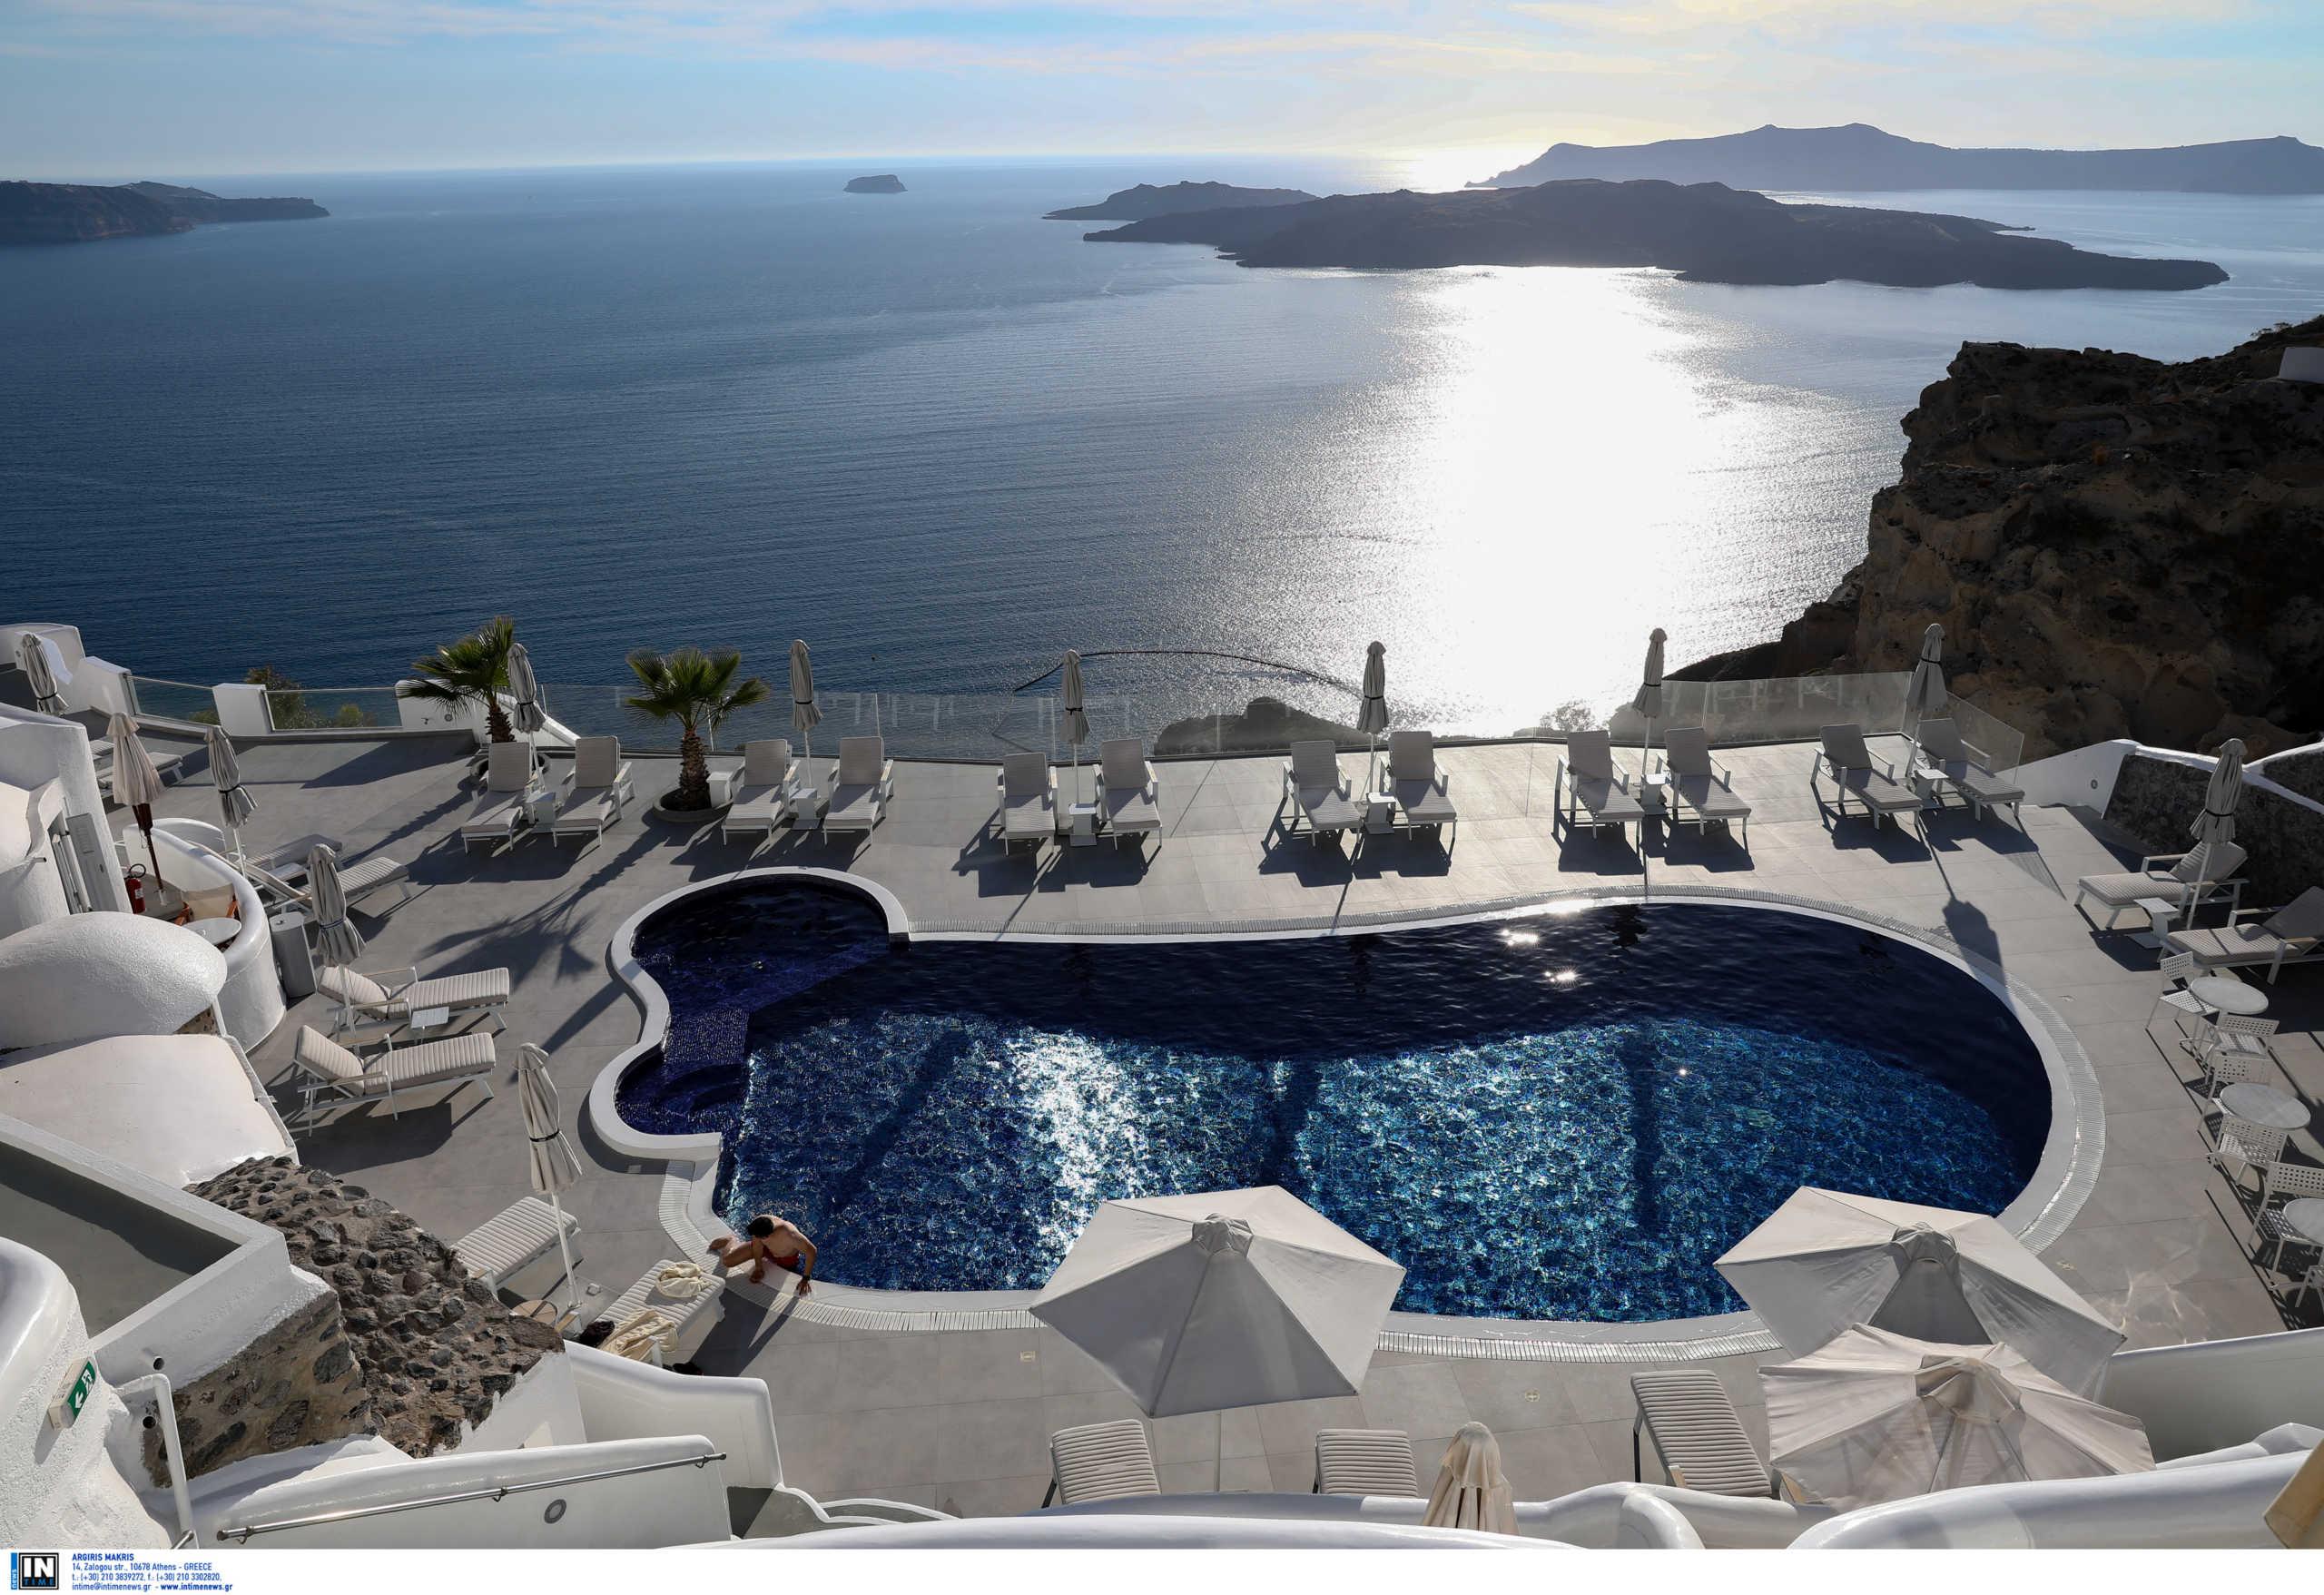 Γερμανία: Αναμένεται έκρηξη κρατήσεων για διακοπές – Ελλάδα και Κύπρος στους κορυφαίους προορισμούς